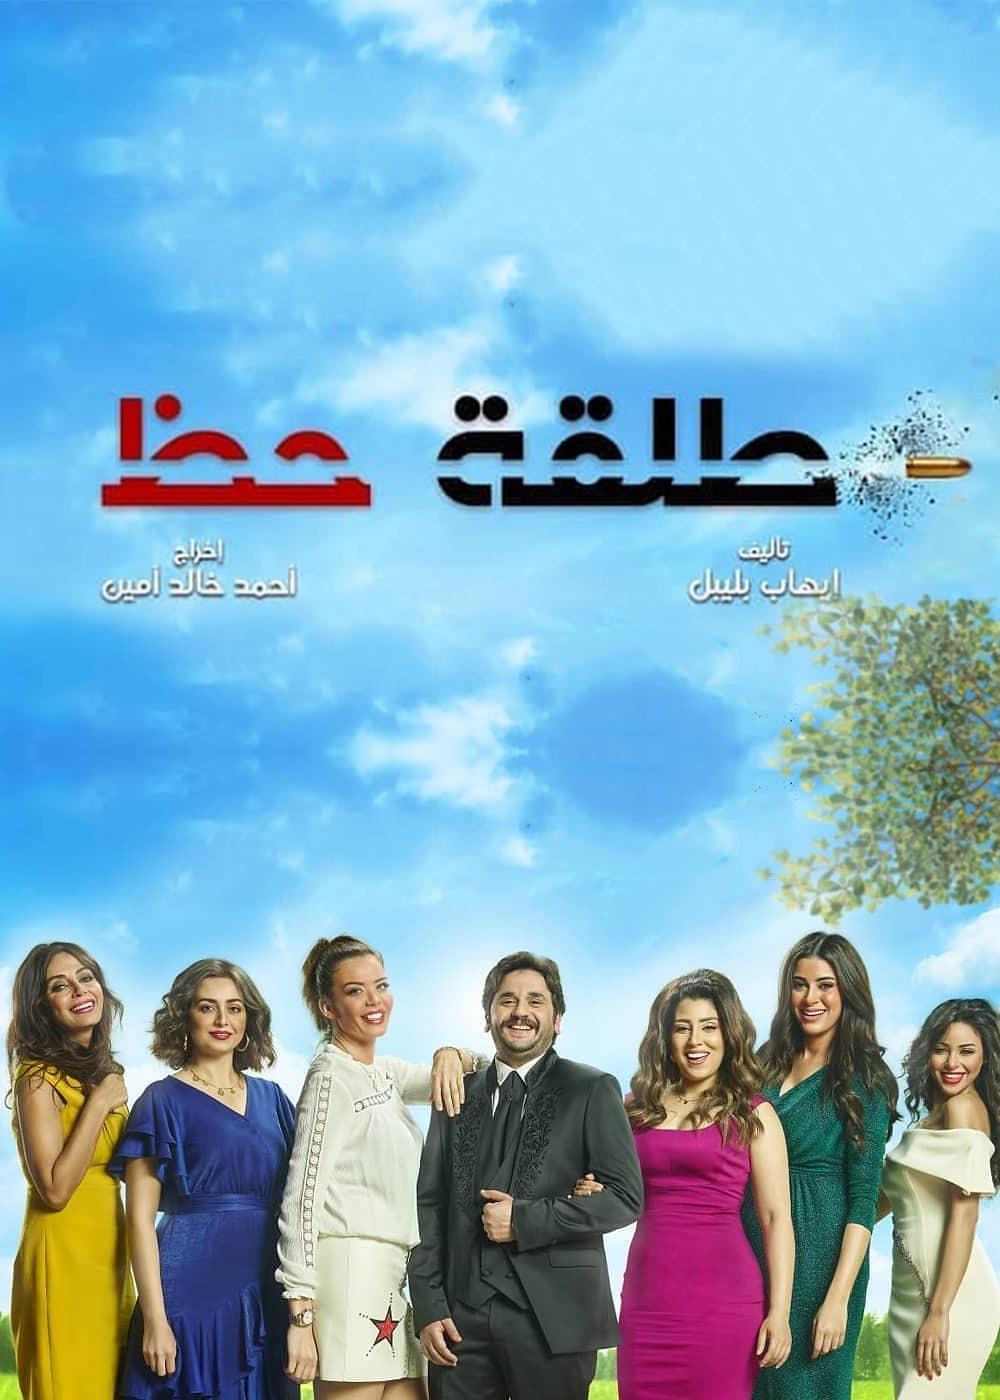 احداث وتفاصيل الحلقة الرابعة من مسلسل طلقة حظ رمضان 2019